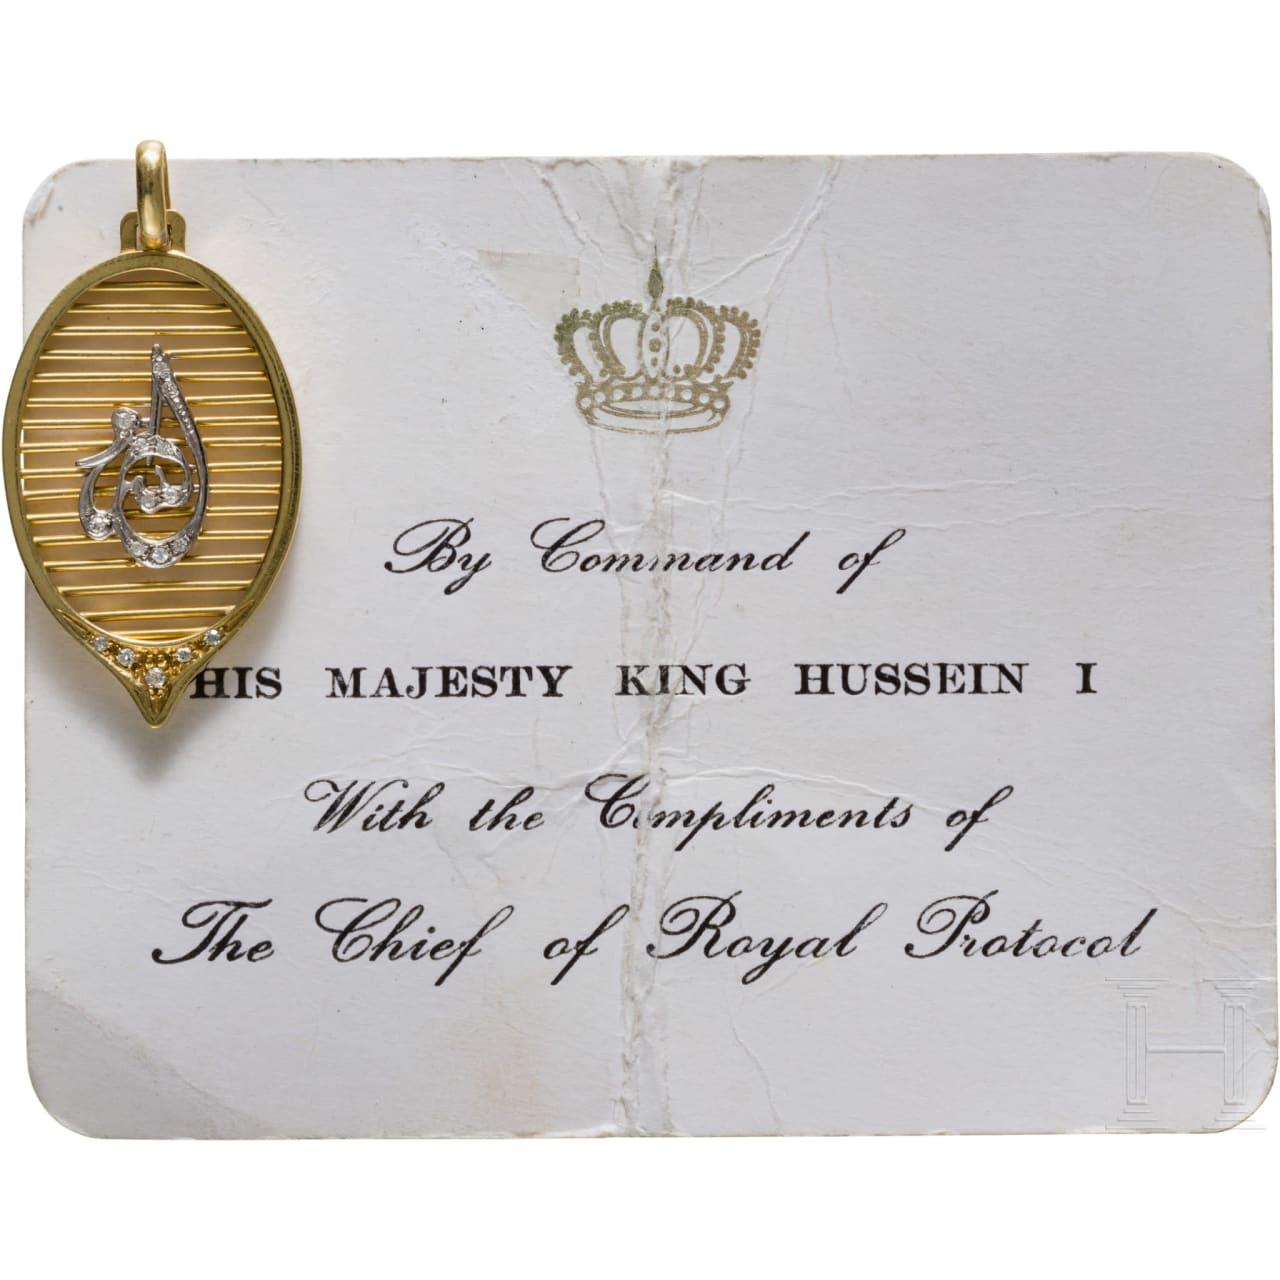 König Hussein I. von Jordanien (1935-99) - diamantbesetzter Goldanhänger mit silbernem Schriftzeichen